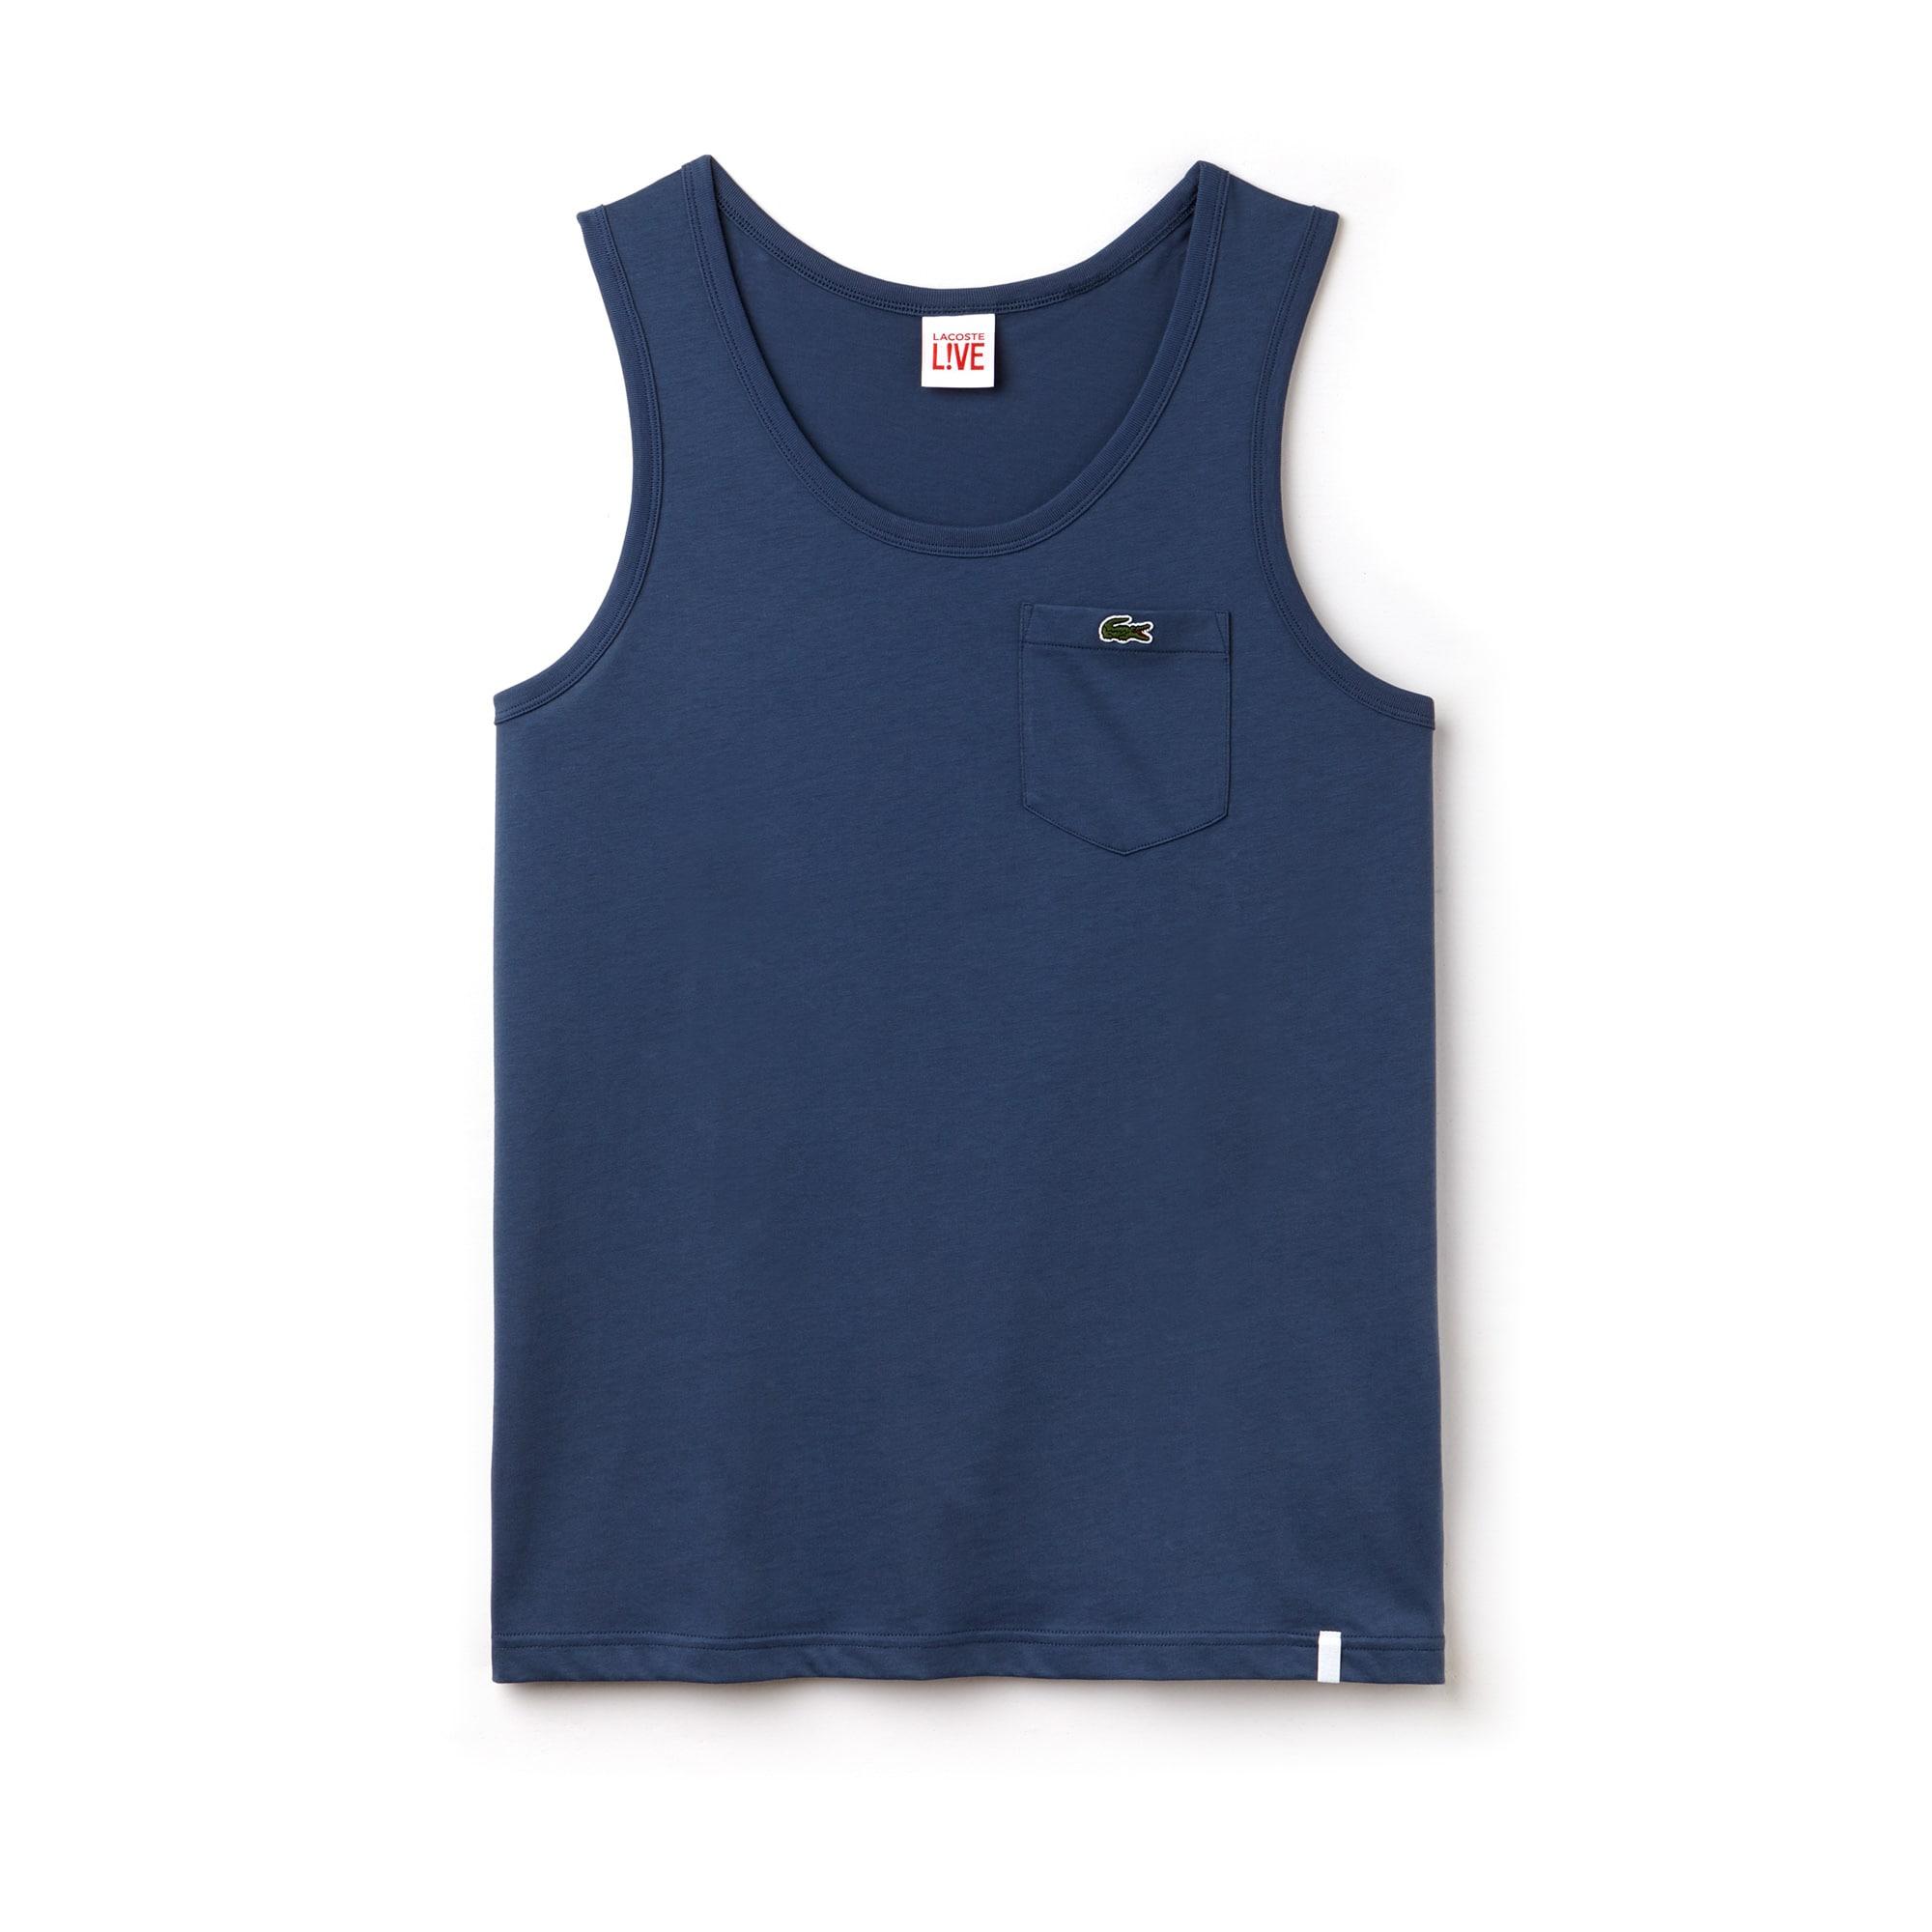 Men's Lacoste LIVE Pocket Cotton Jersey Tank Top